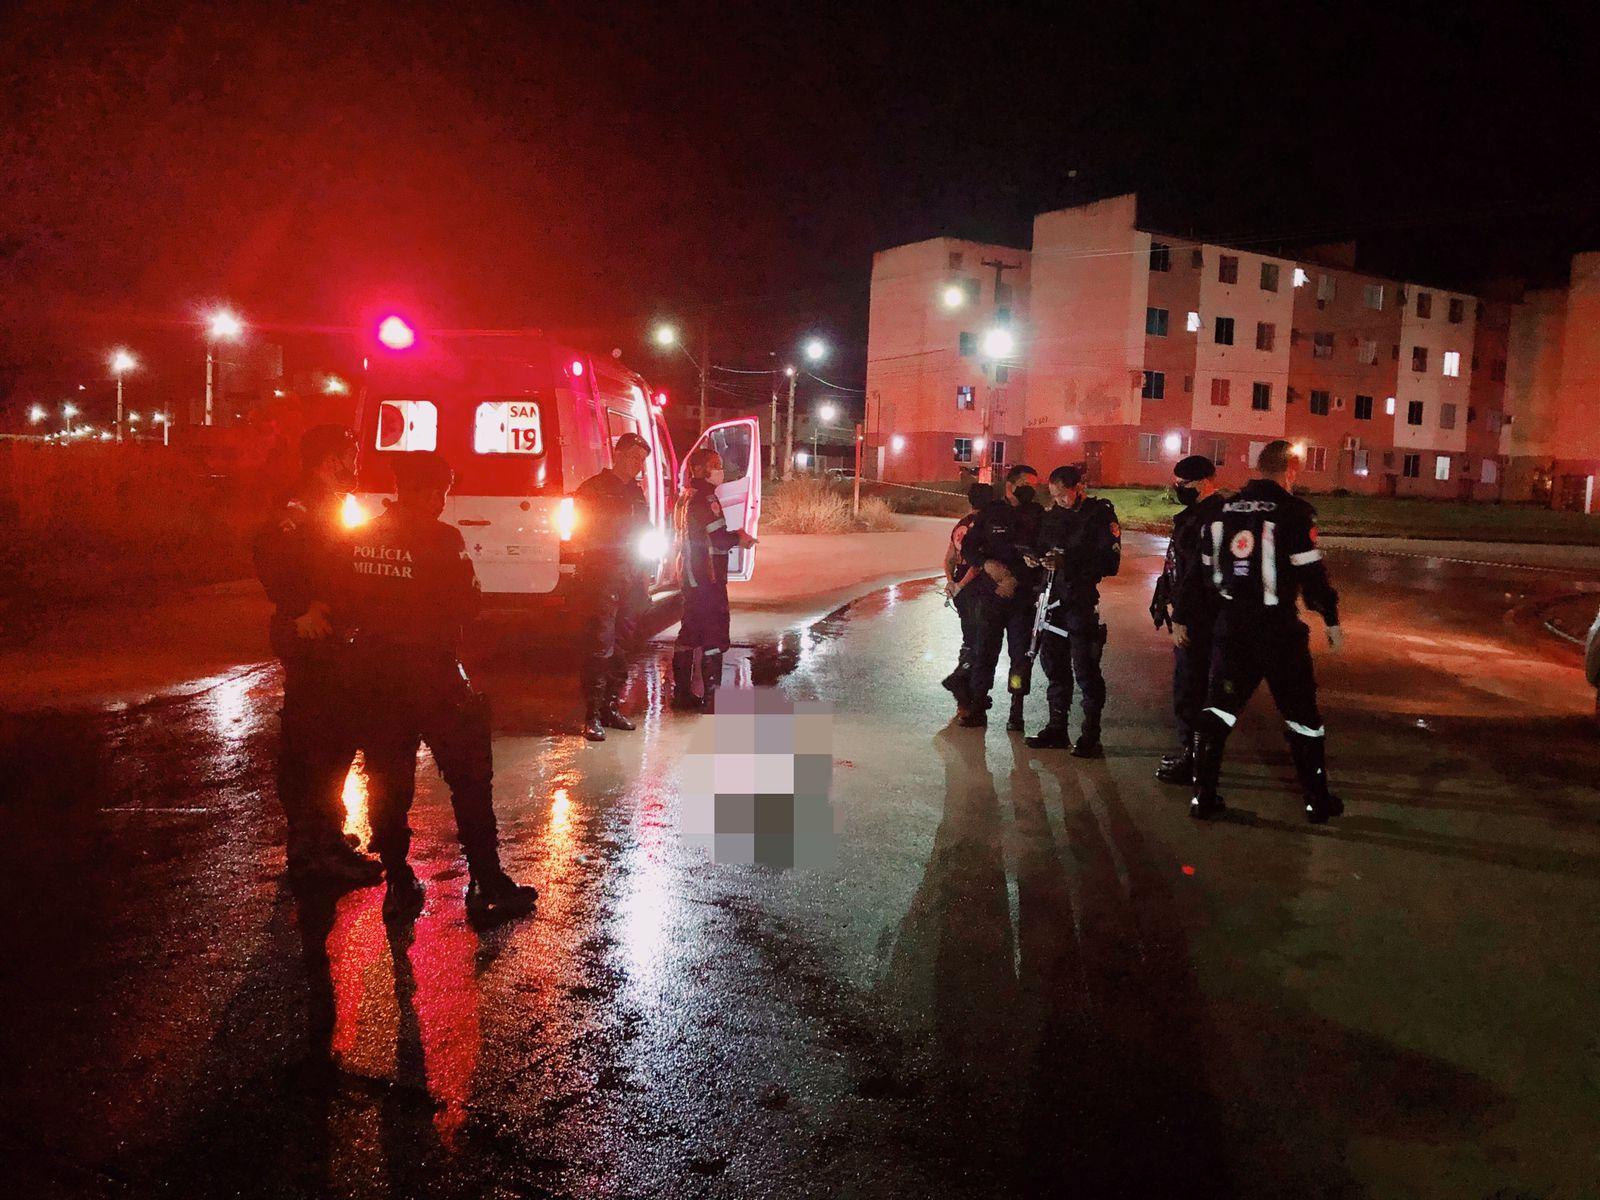 Facção proíbe ambulâncias do Samu de entrarem com sirenes e giroflex ligados no Orgulho do Madeira